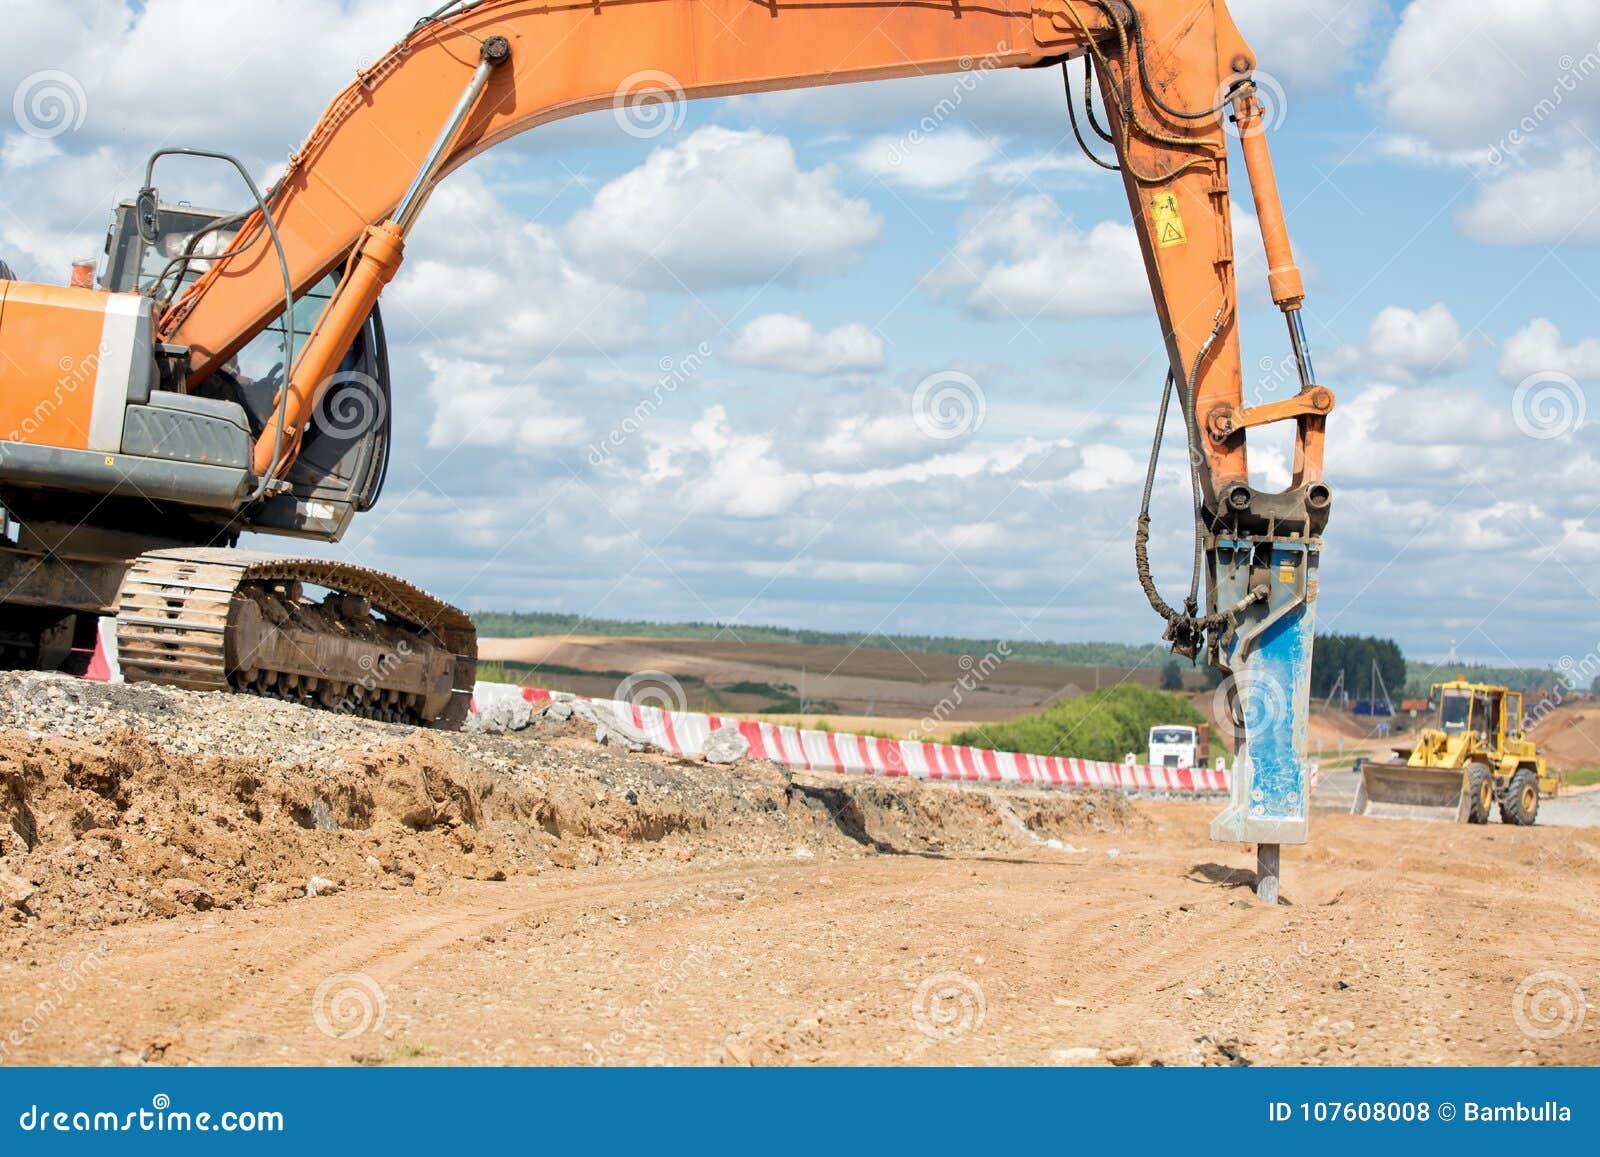 Große Jackhammermaschine, welche die Asphaltpflasterung zerquetscht